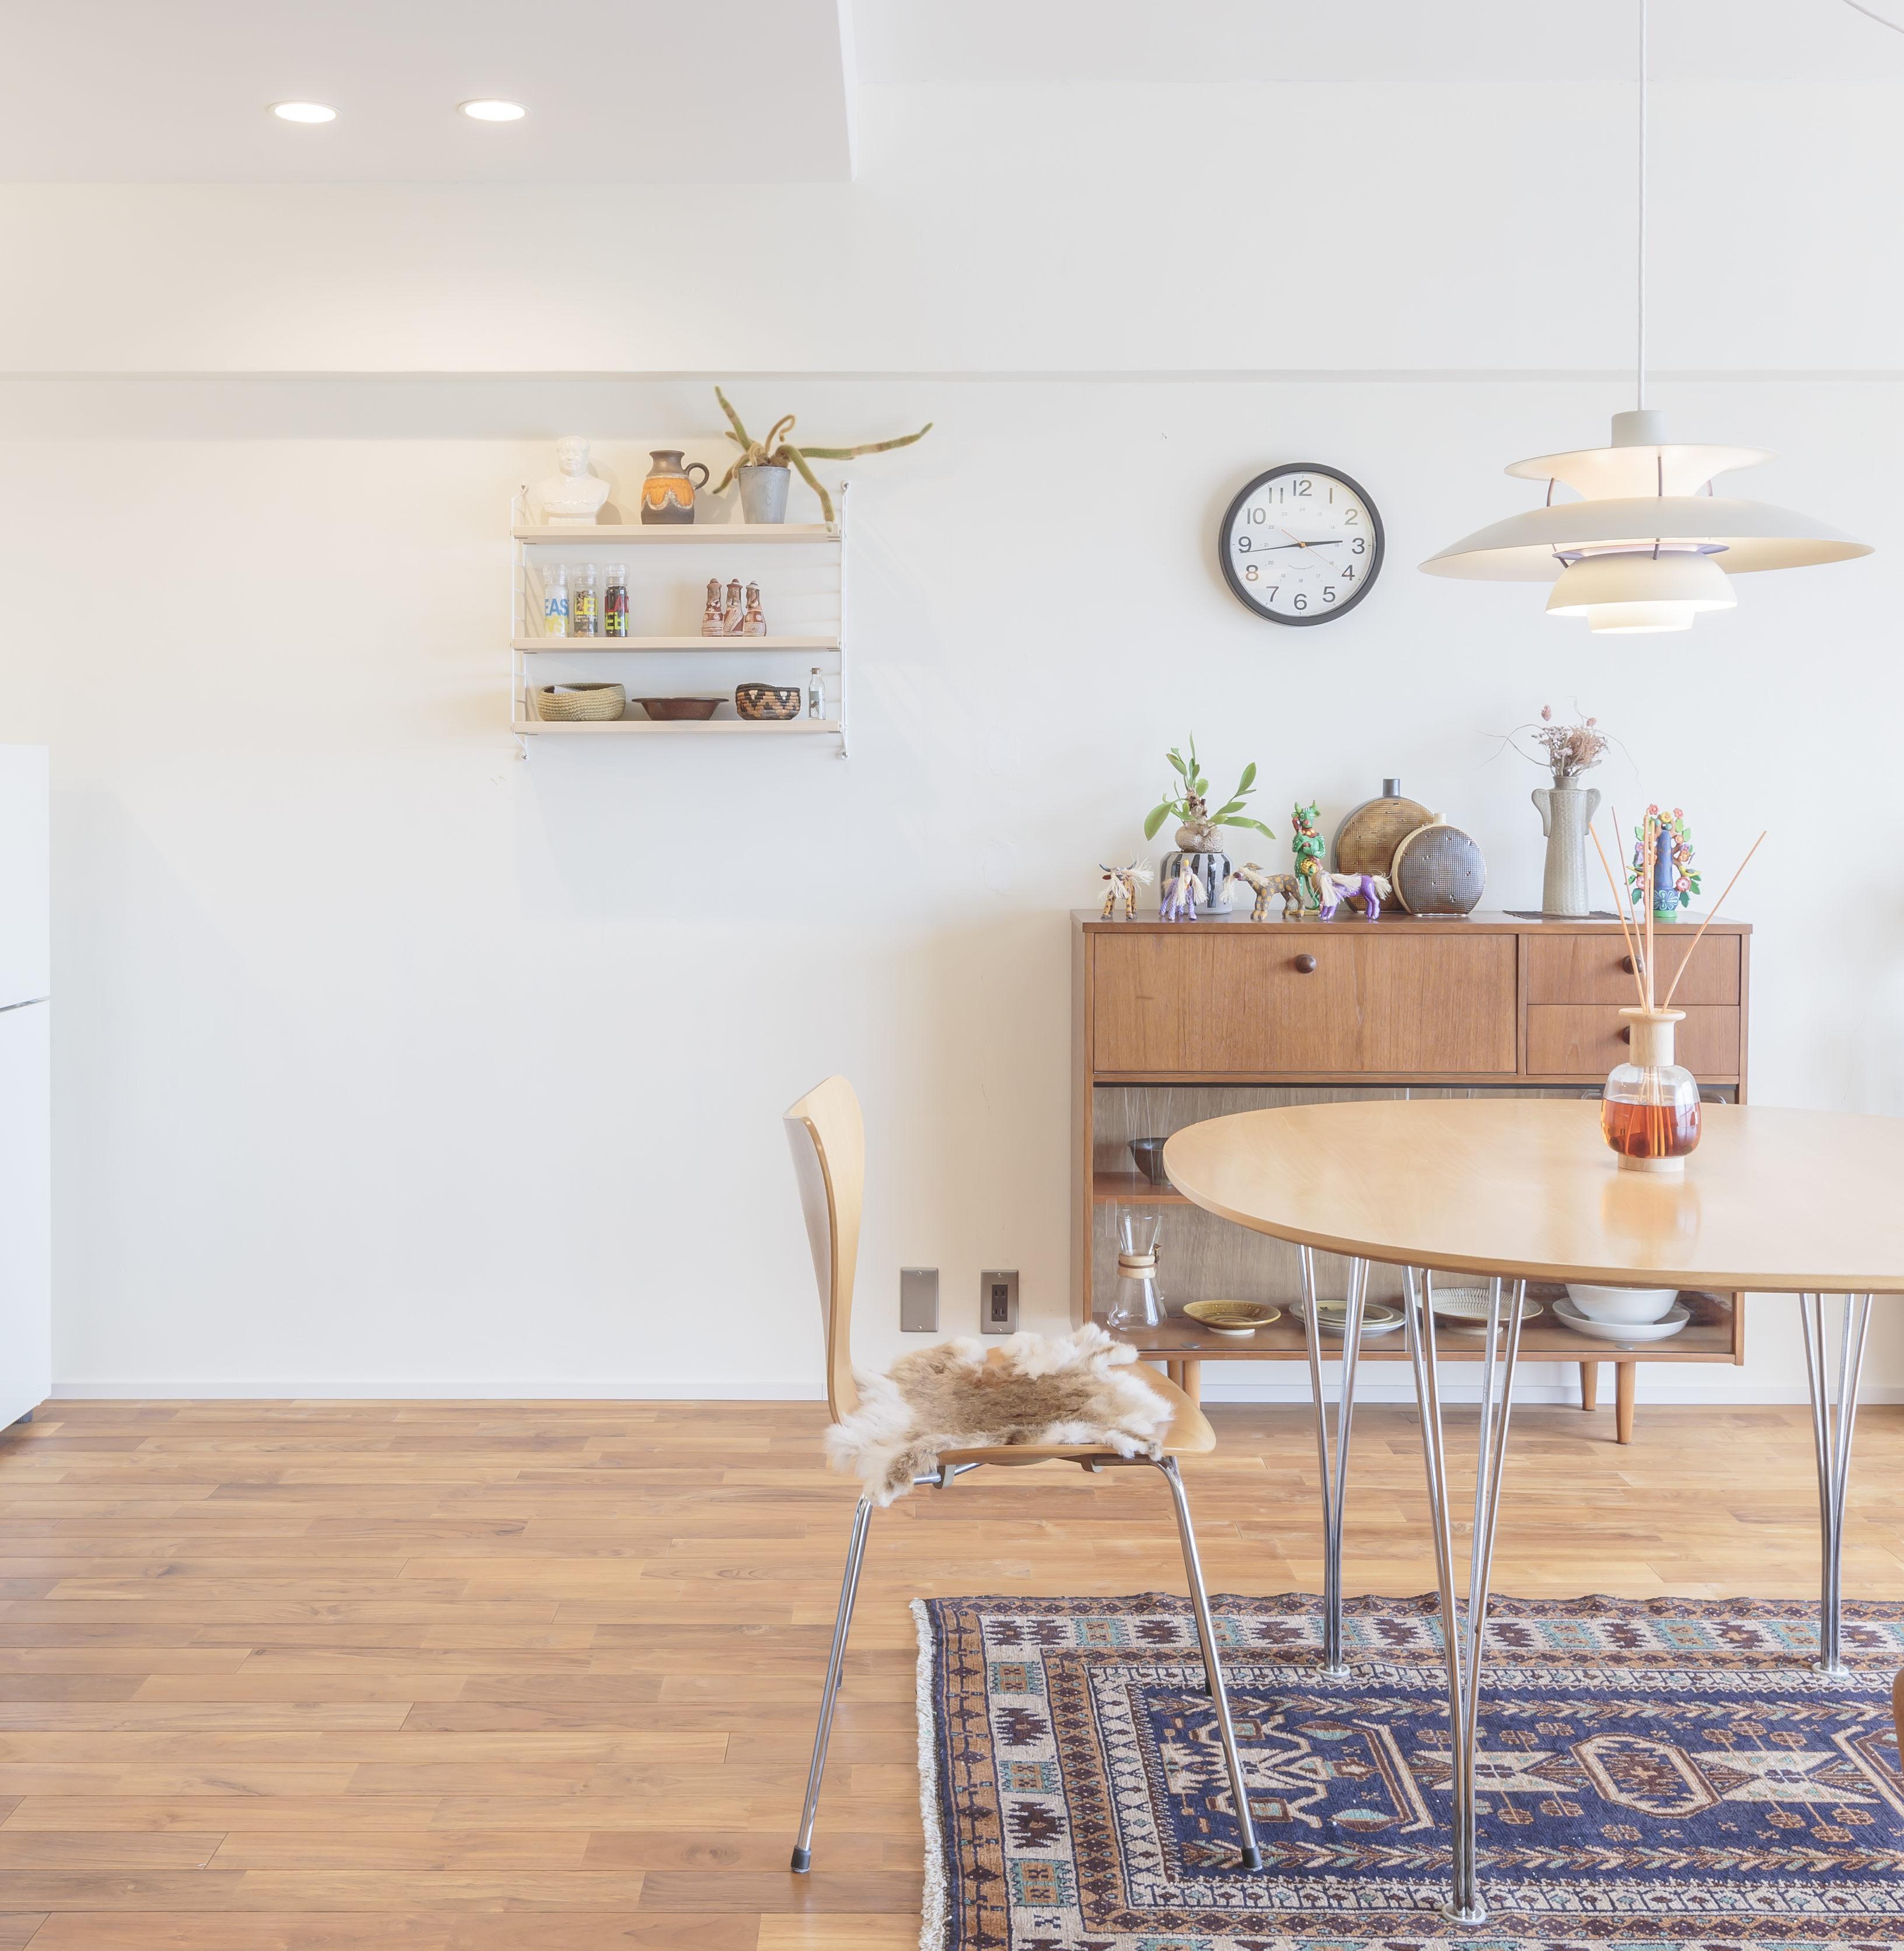 マンションリノベでお洒落な暮らし、北欧家具やビンテージの小物でカッコよく